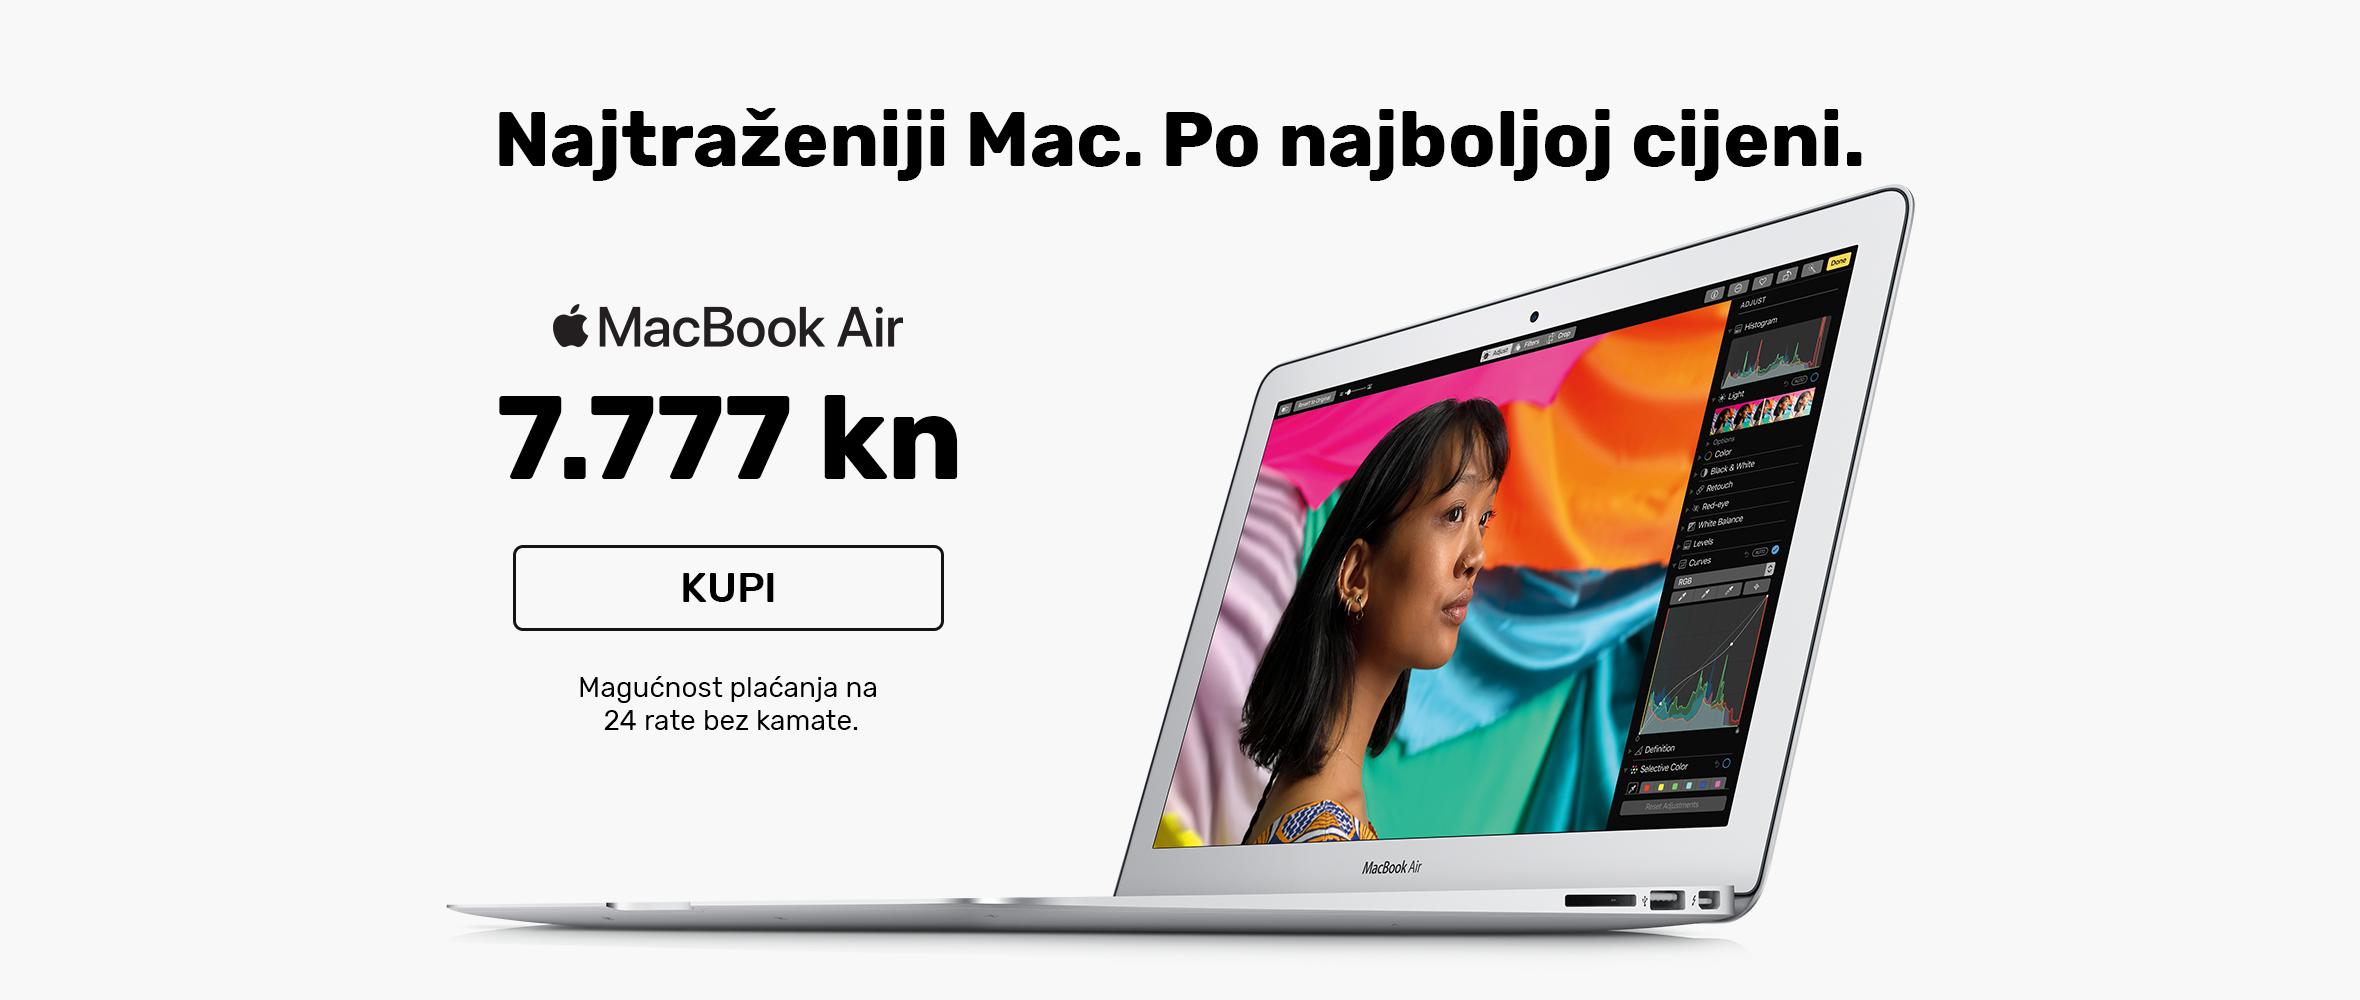 MBA 7.7777